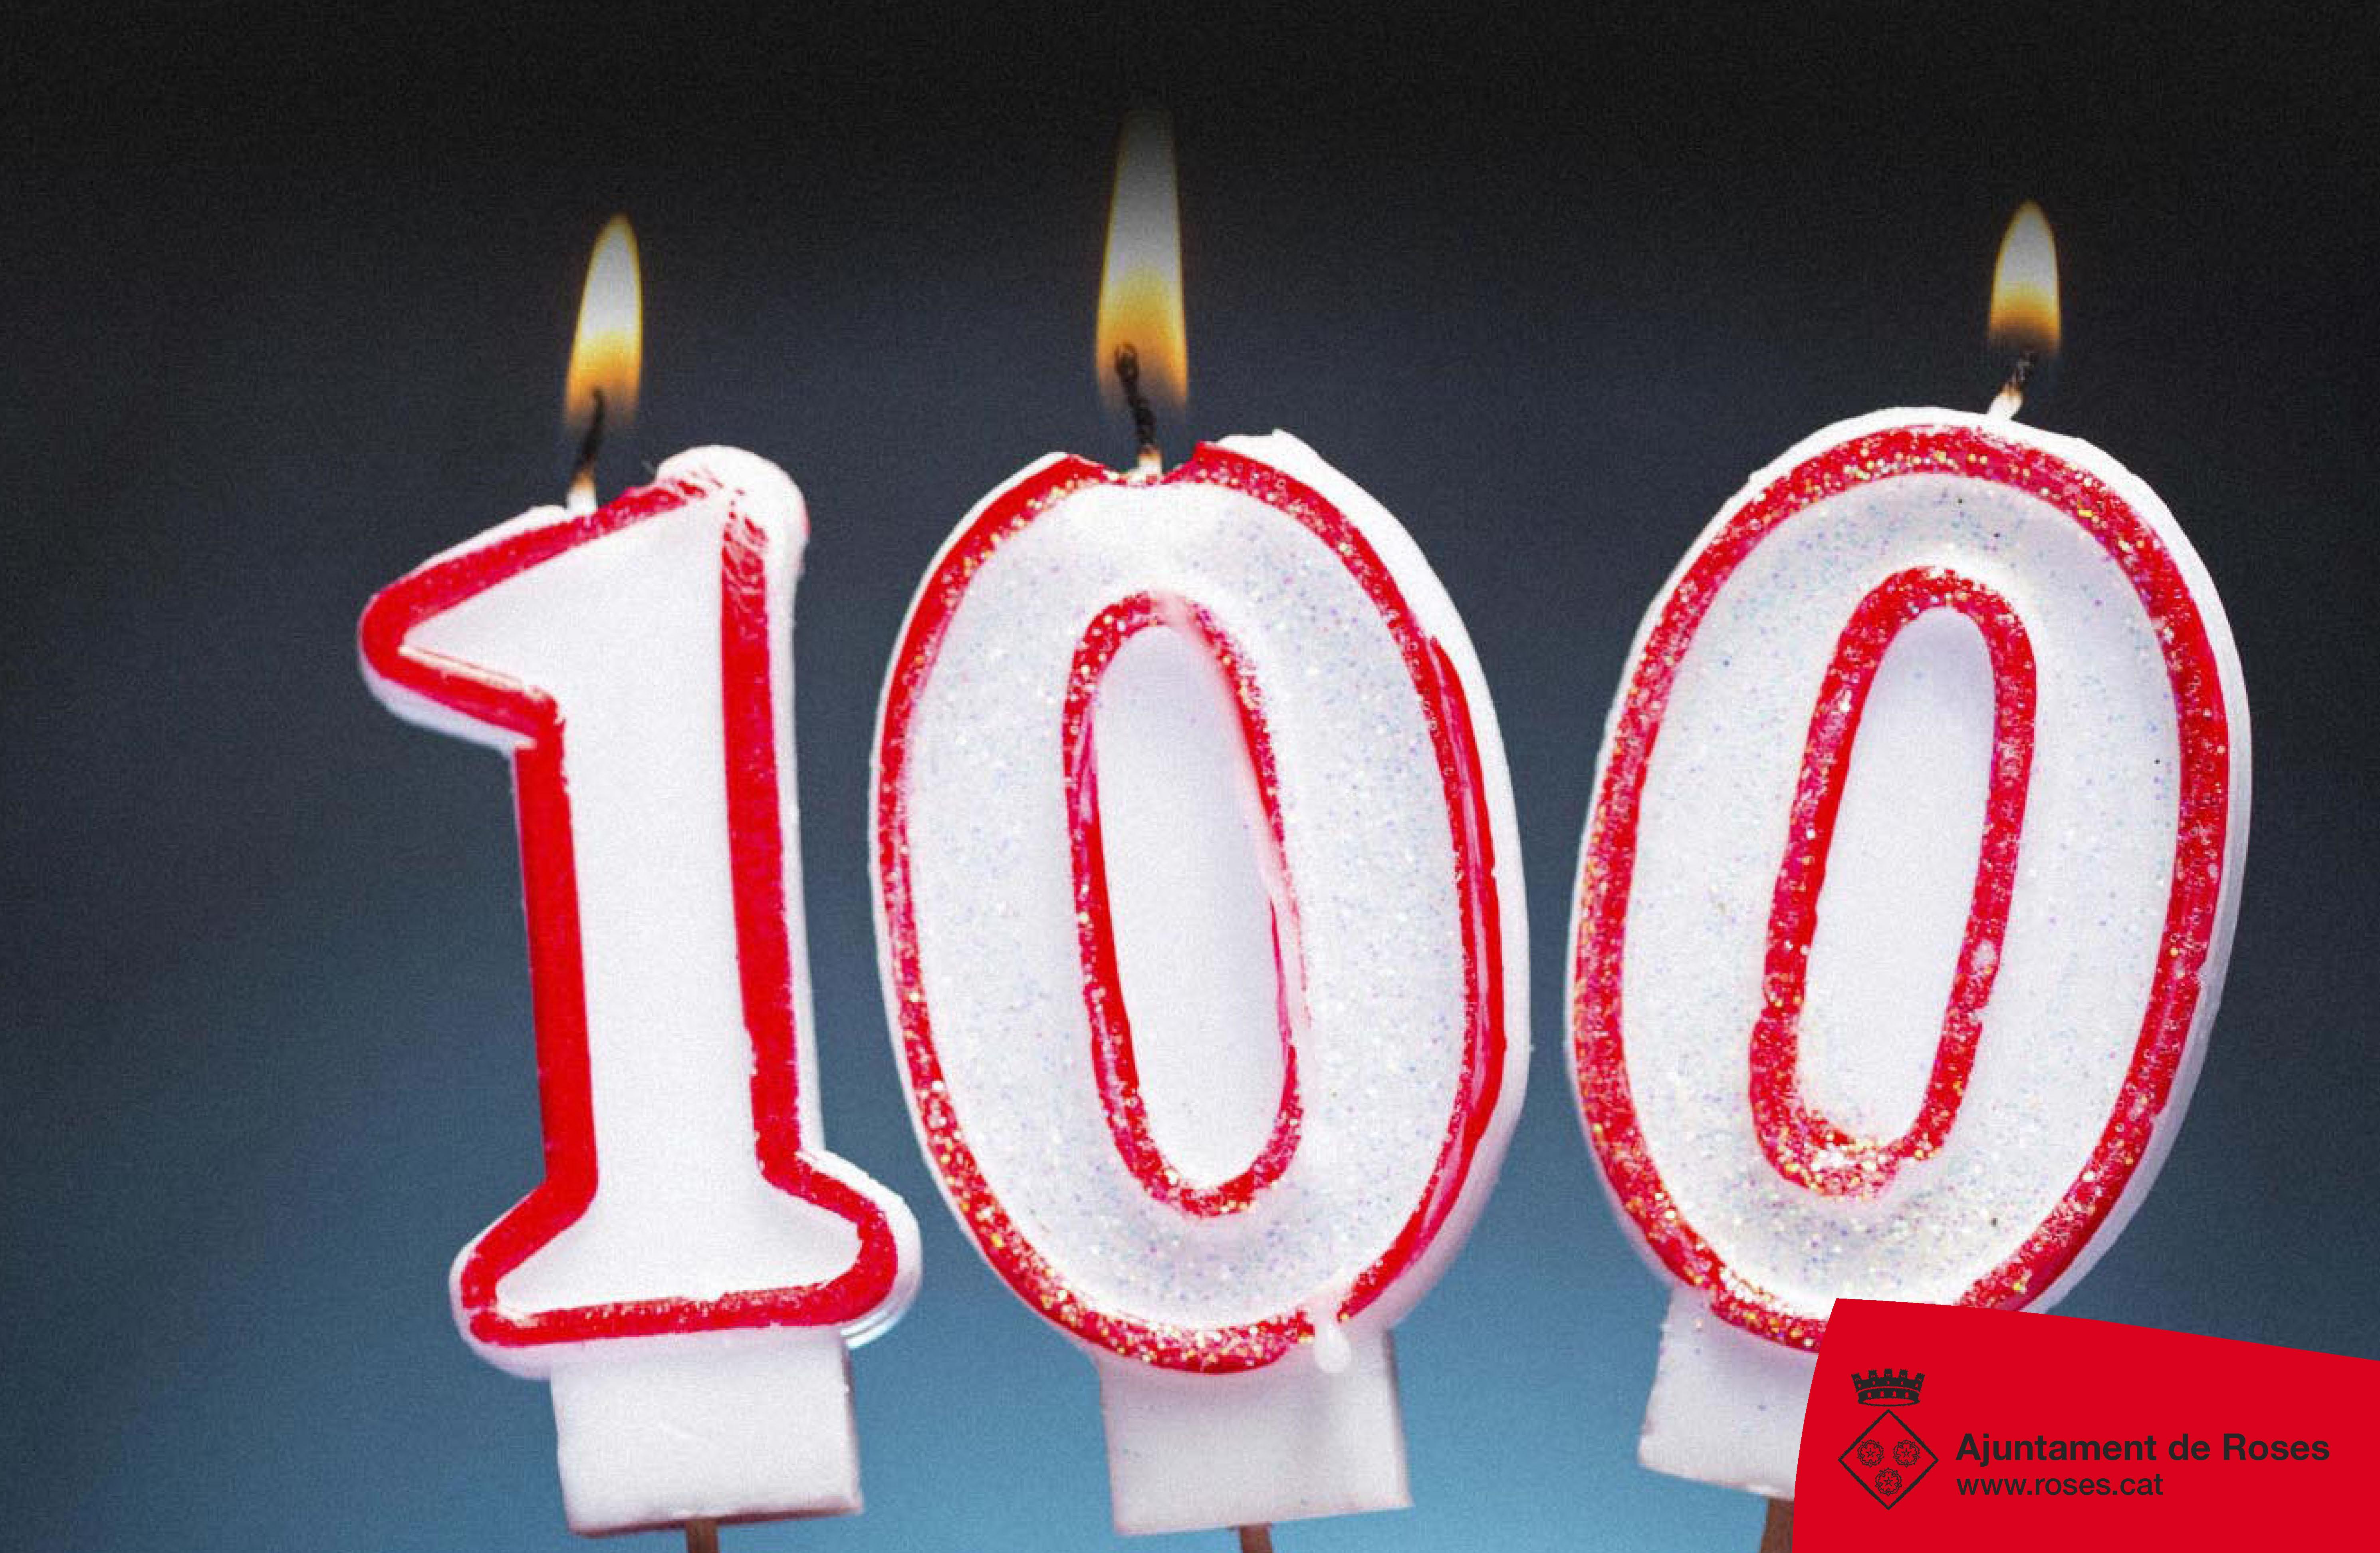 L'Ajuntament de Roses fa una crida perquè els avis i àvies que facin 100 anys rebin la Medalla Centenària